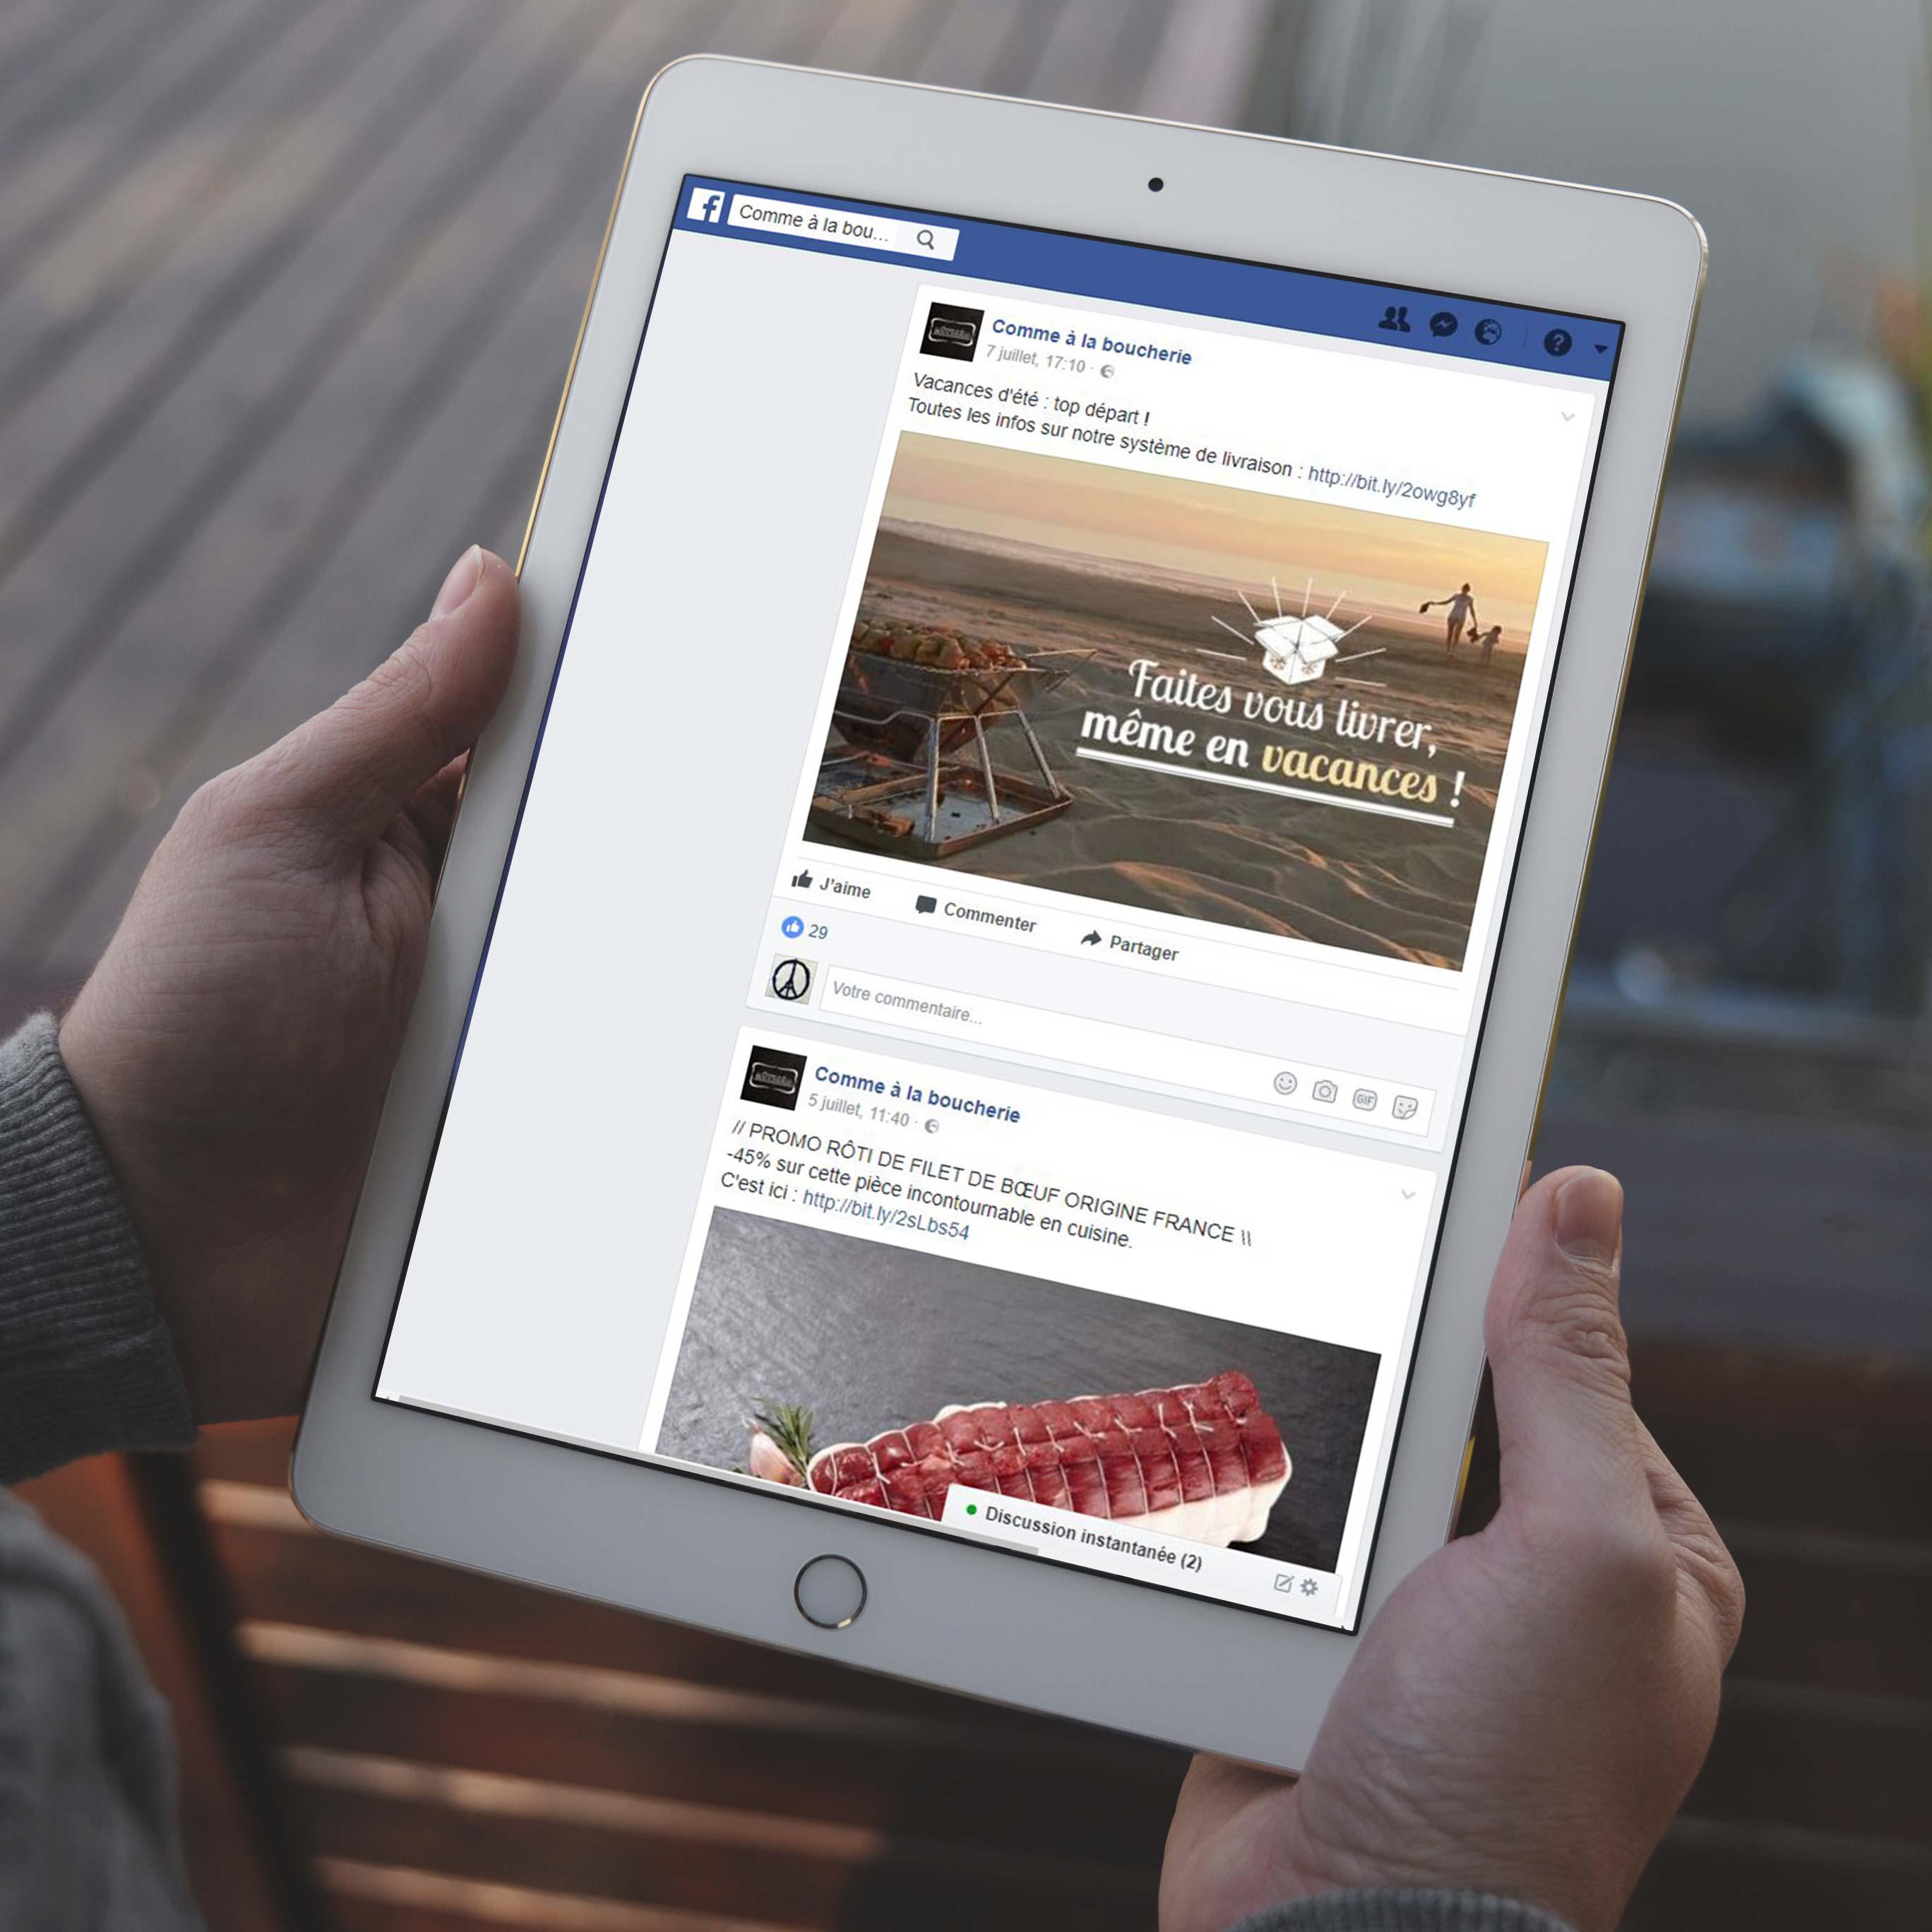 Création et gestion de contenu Facebook